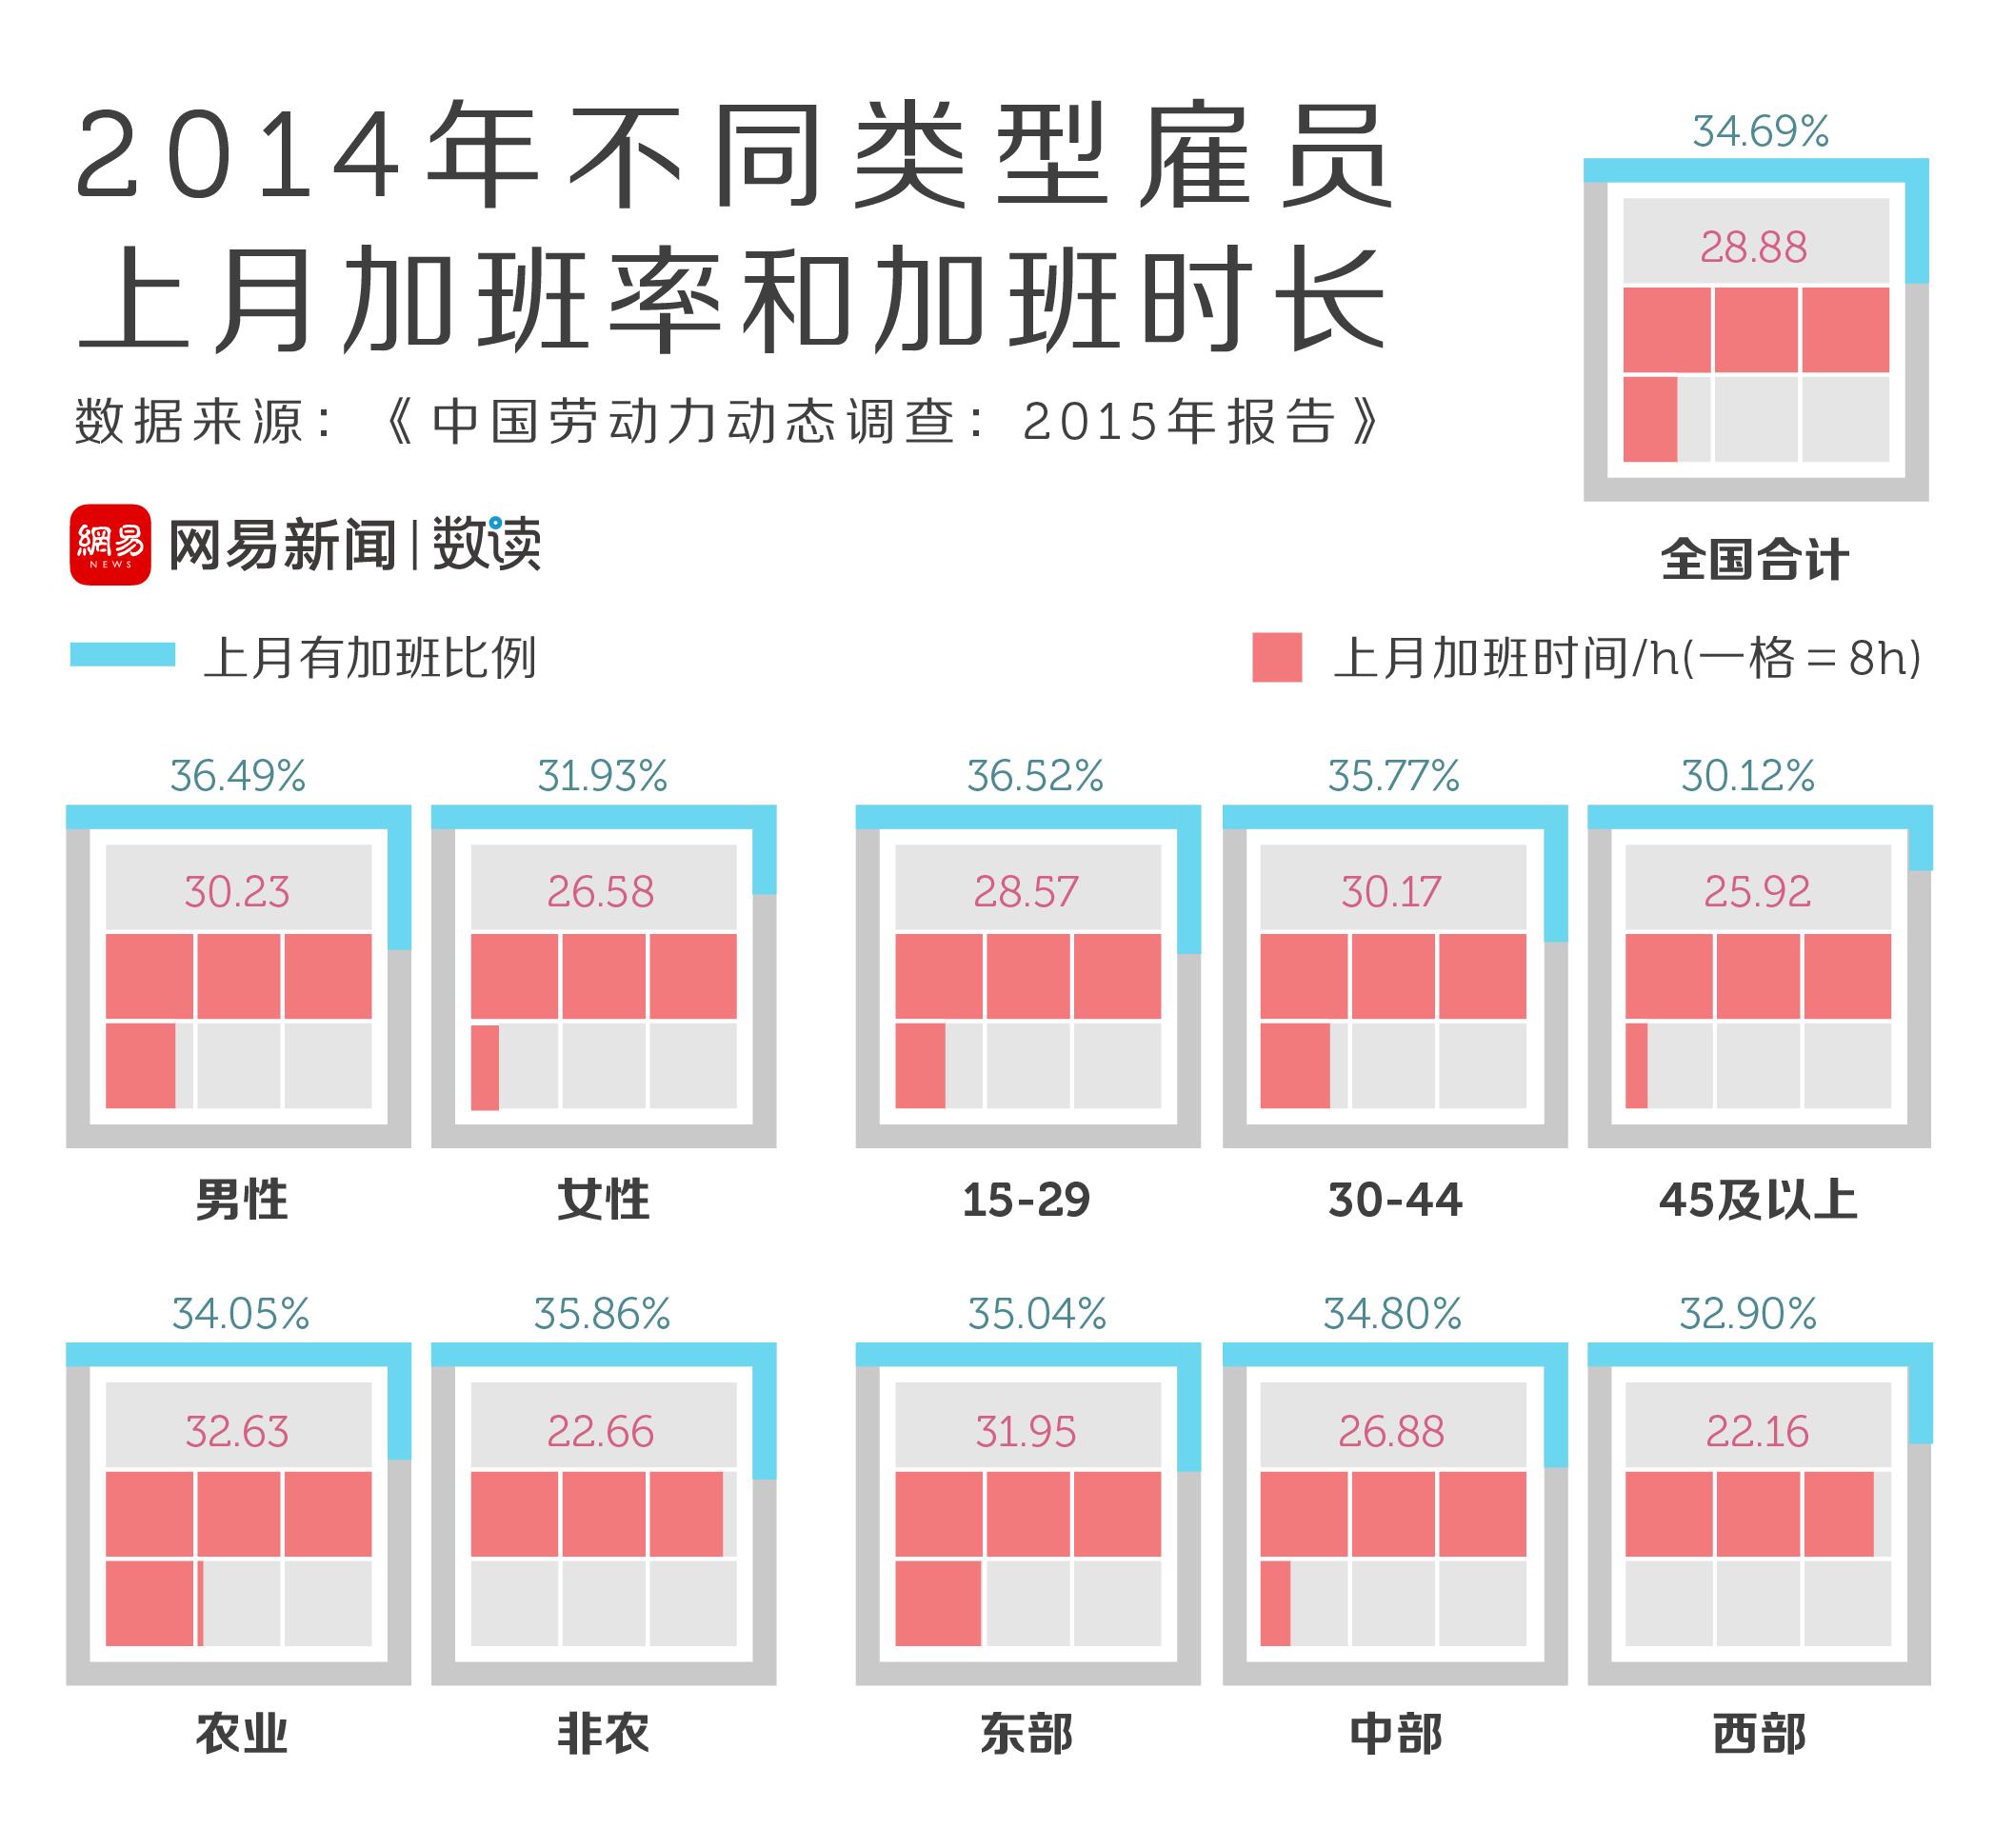 网易数读 | 要不是中国人没假期 谁愿意挤在国庆出去玩